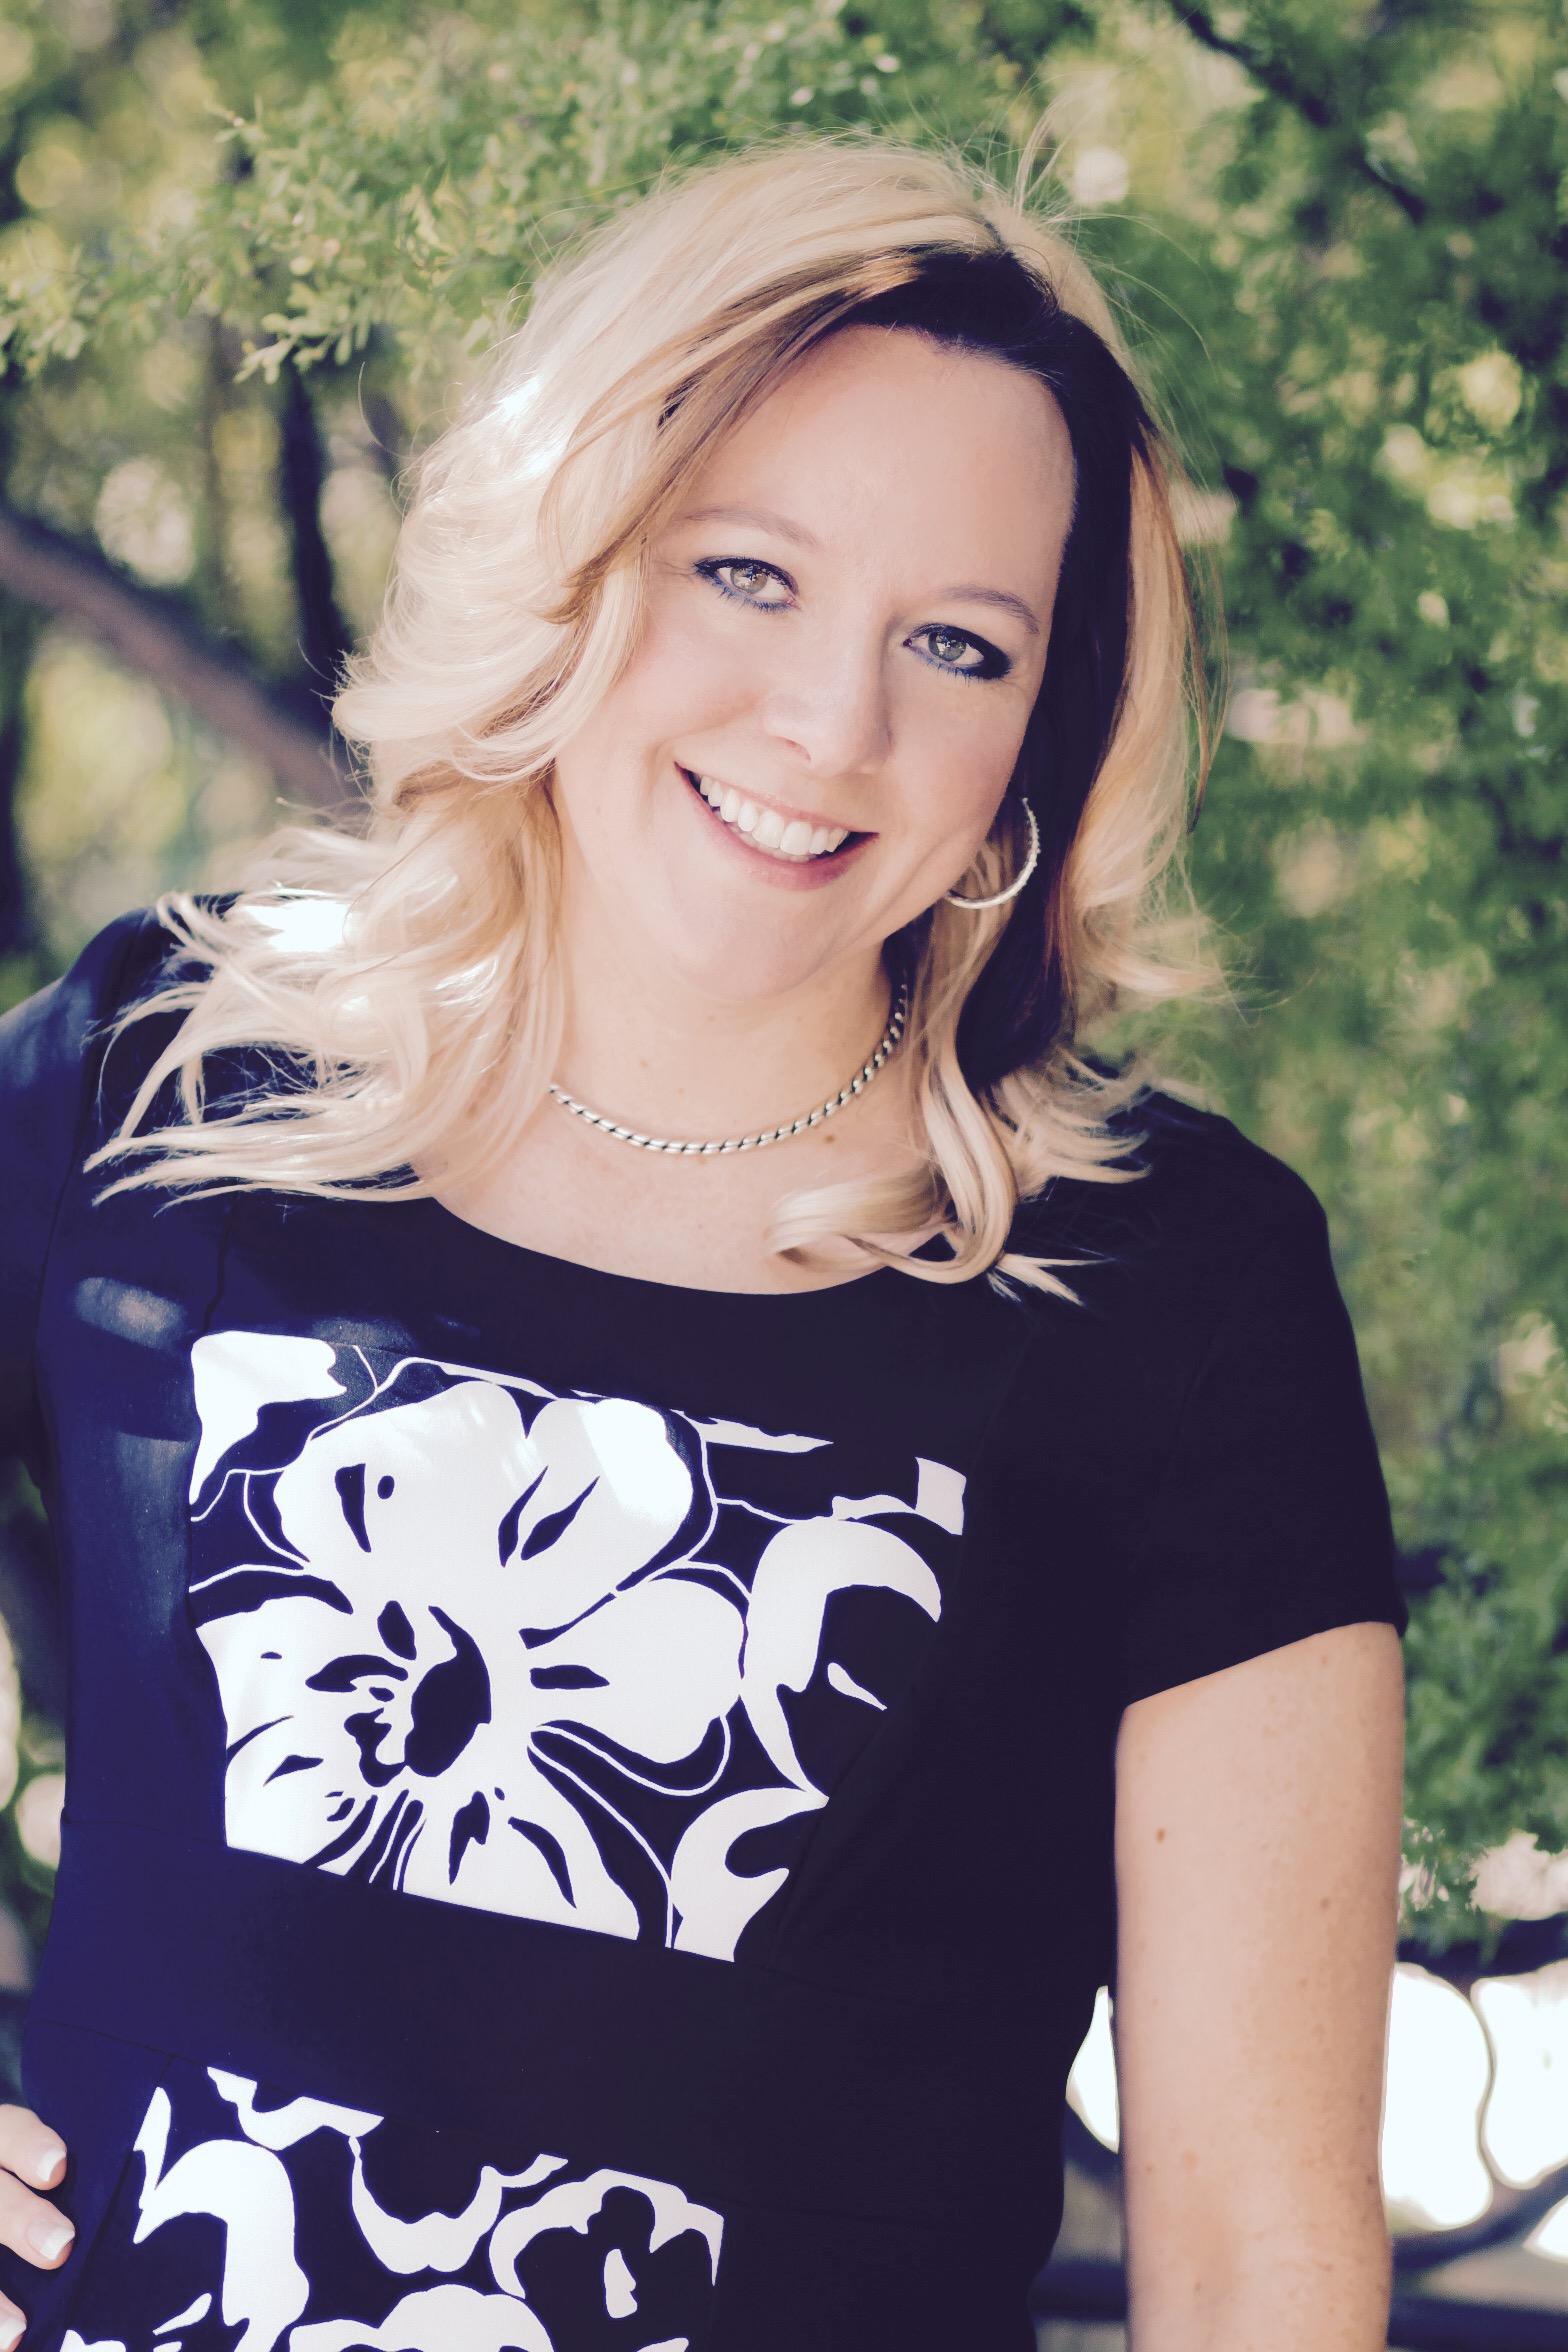 Marlene Marlene is a licensed real estate agent in Tucson AZ